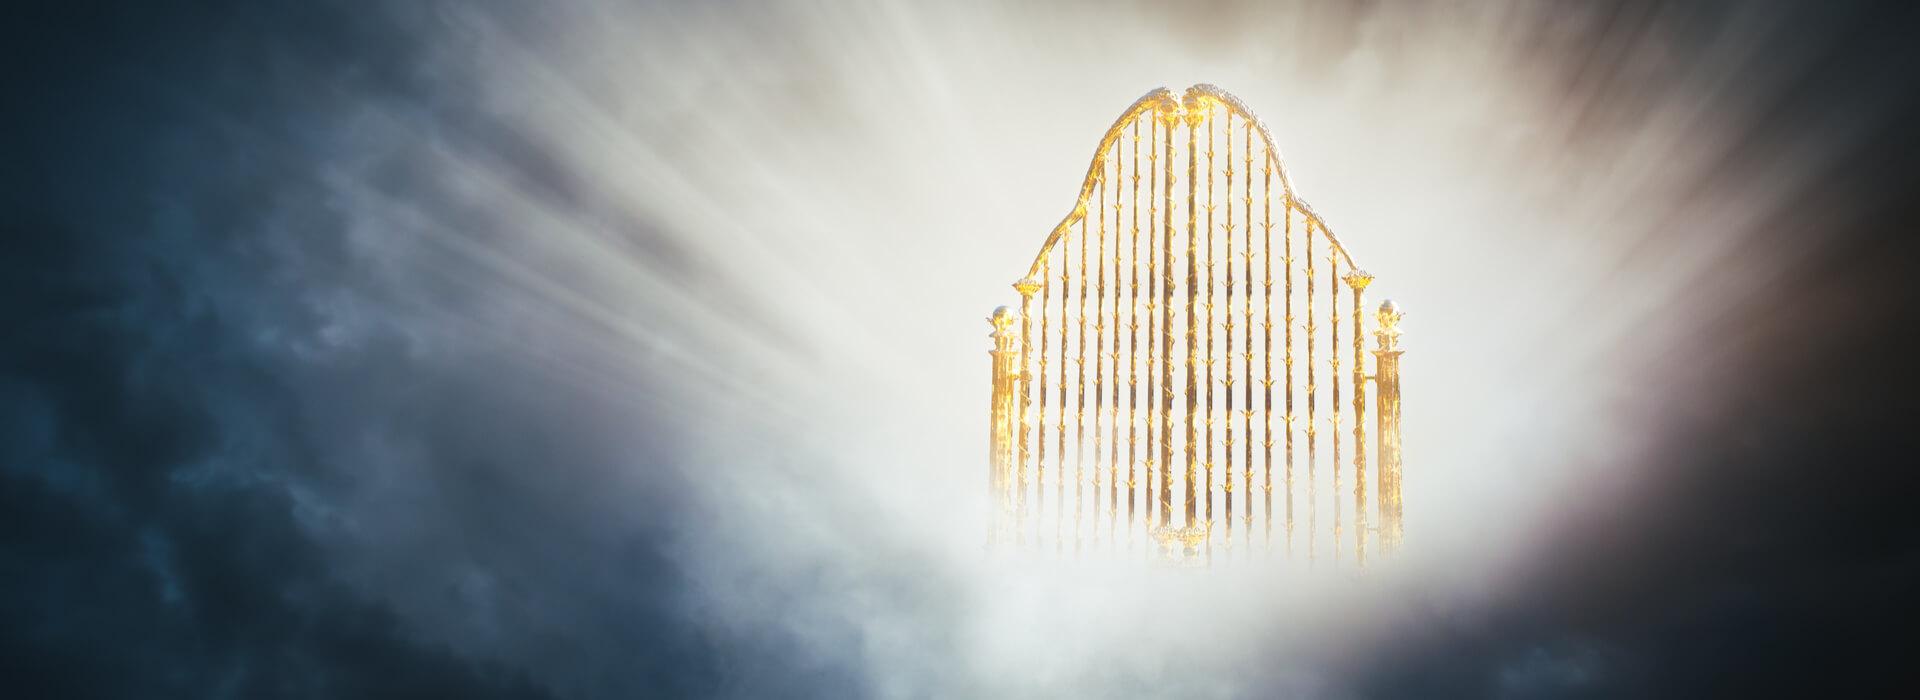 De poort van de hemel